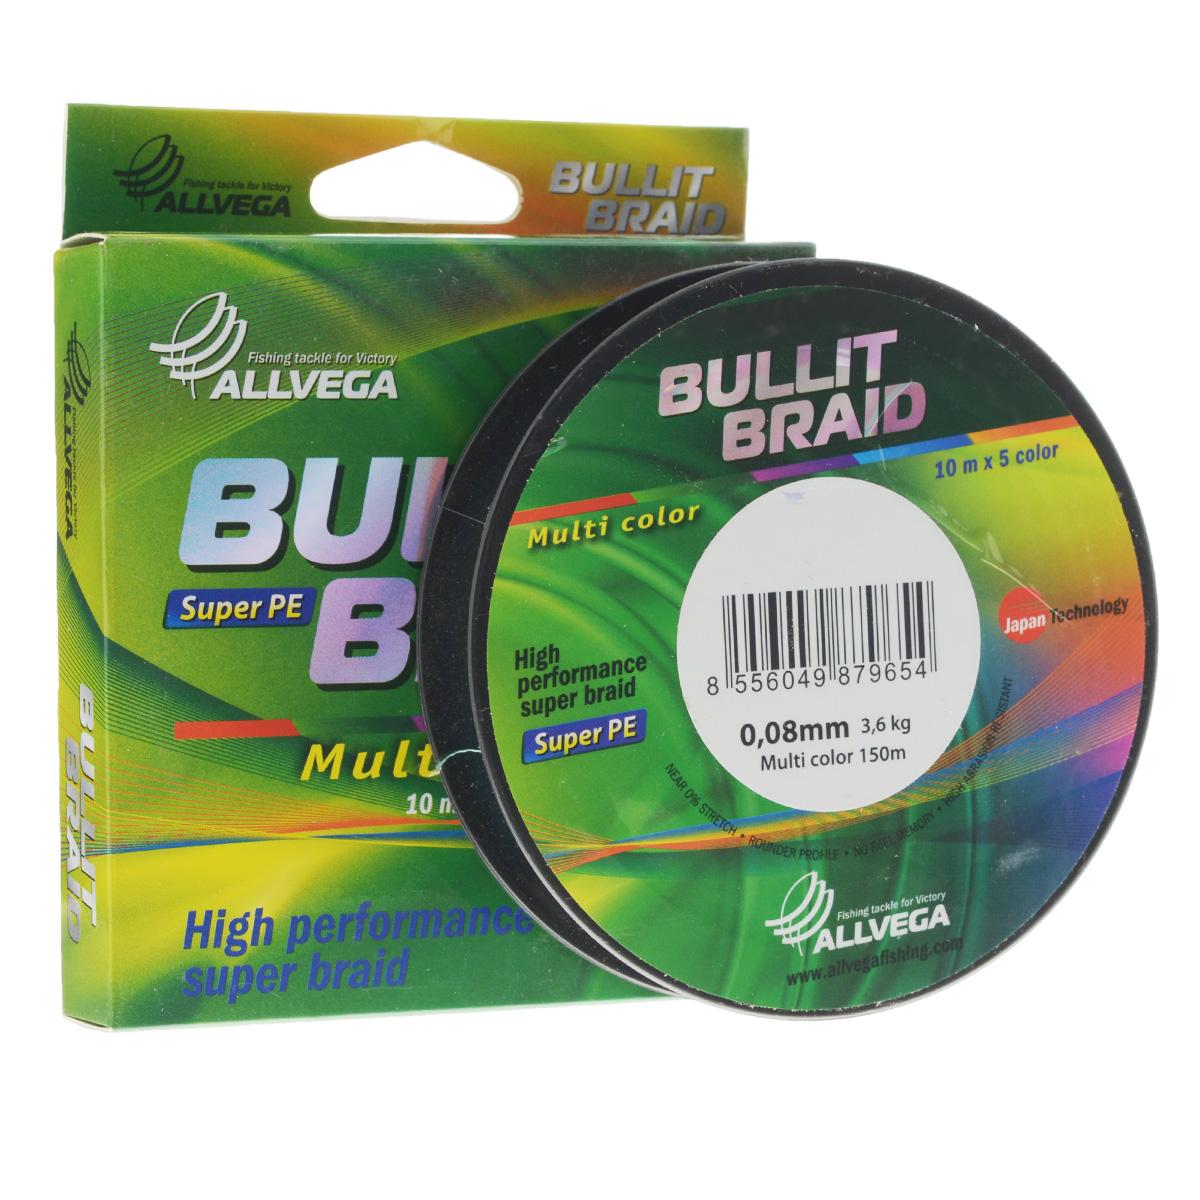 Леска плетеная Allvega Bullit Braid, цвет: мультиколор, 150 м, 0,08 мм, 3,6 кг37860Леска Allvega Bullit Braid с гладкой поверхностью и одинаковым сечением по всей длине обладает высокой износостойкостью. Благодаря микроволокнам полиэтилена (Super PE) леска имеет очень плотное плетение и не впитывает воду. Леску Allvega Bullit Braid можно применять в любых типах водоемов. Особенности: повышенная износостойкость; высокая чувствительность - коэффициент растяжения близок к нулю; отсутствует память; идеально гладкая поверхность позволяет увеличить дальность забросов; высокая прочность шнура на узлах.